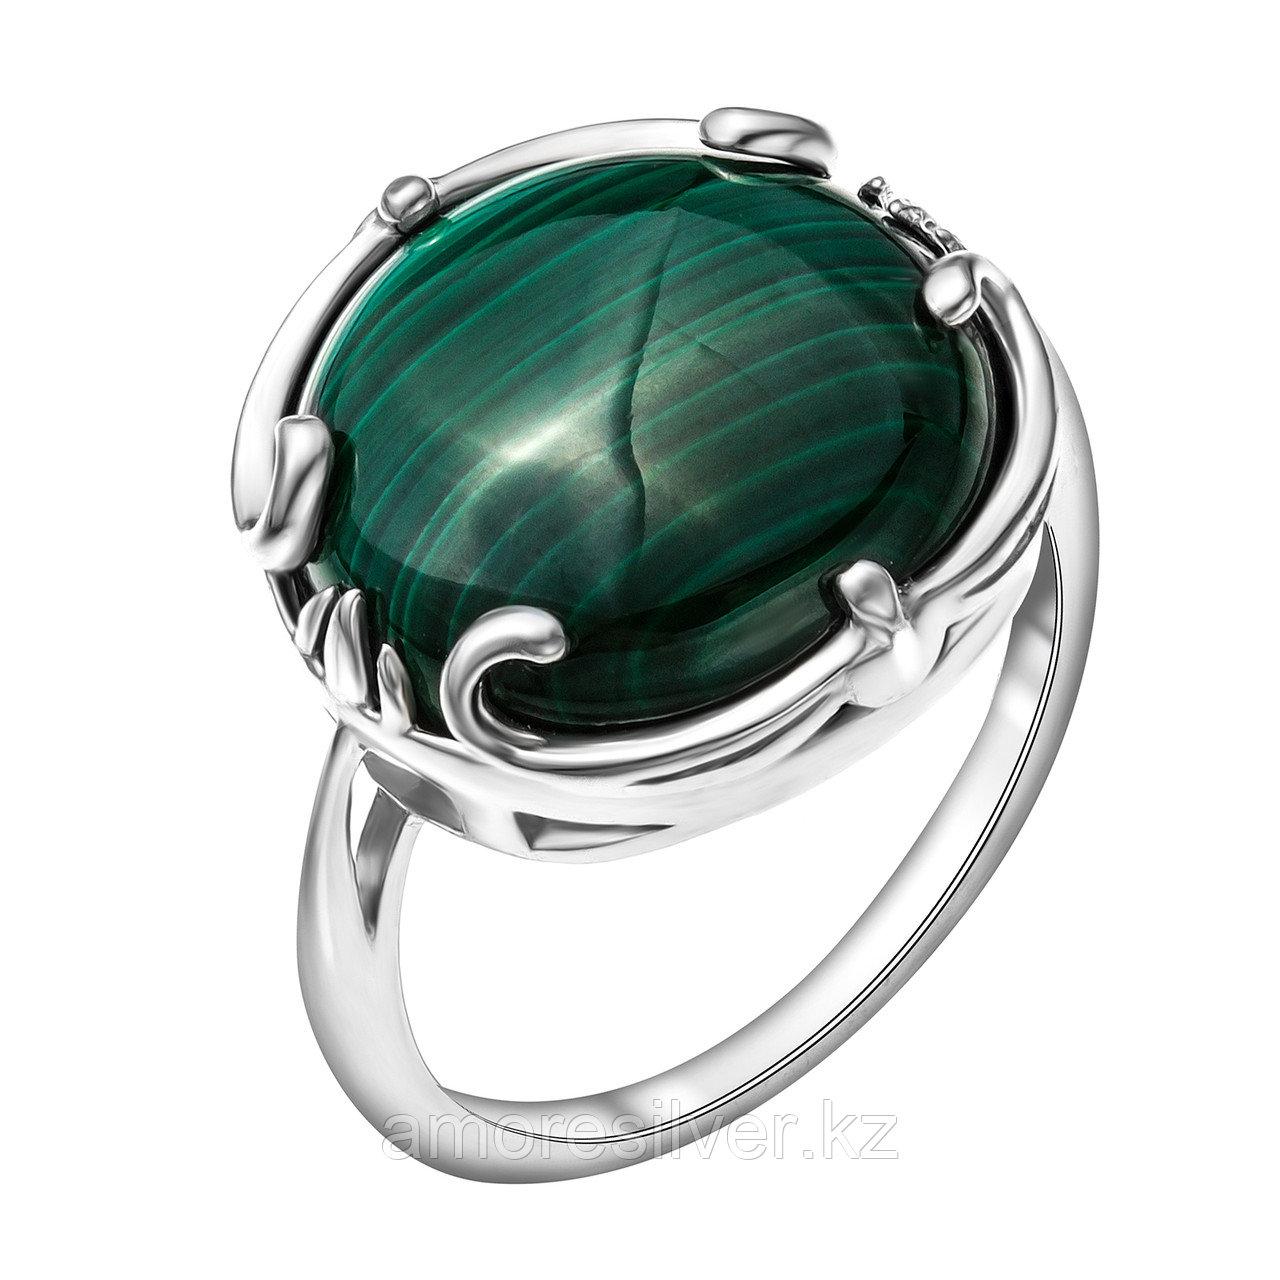 Кольцо из серебра с малахитом   Приволжский Ювелир 251208-ML